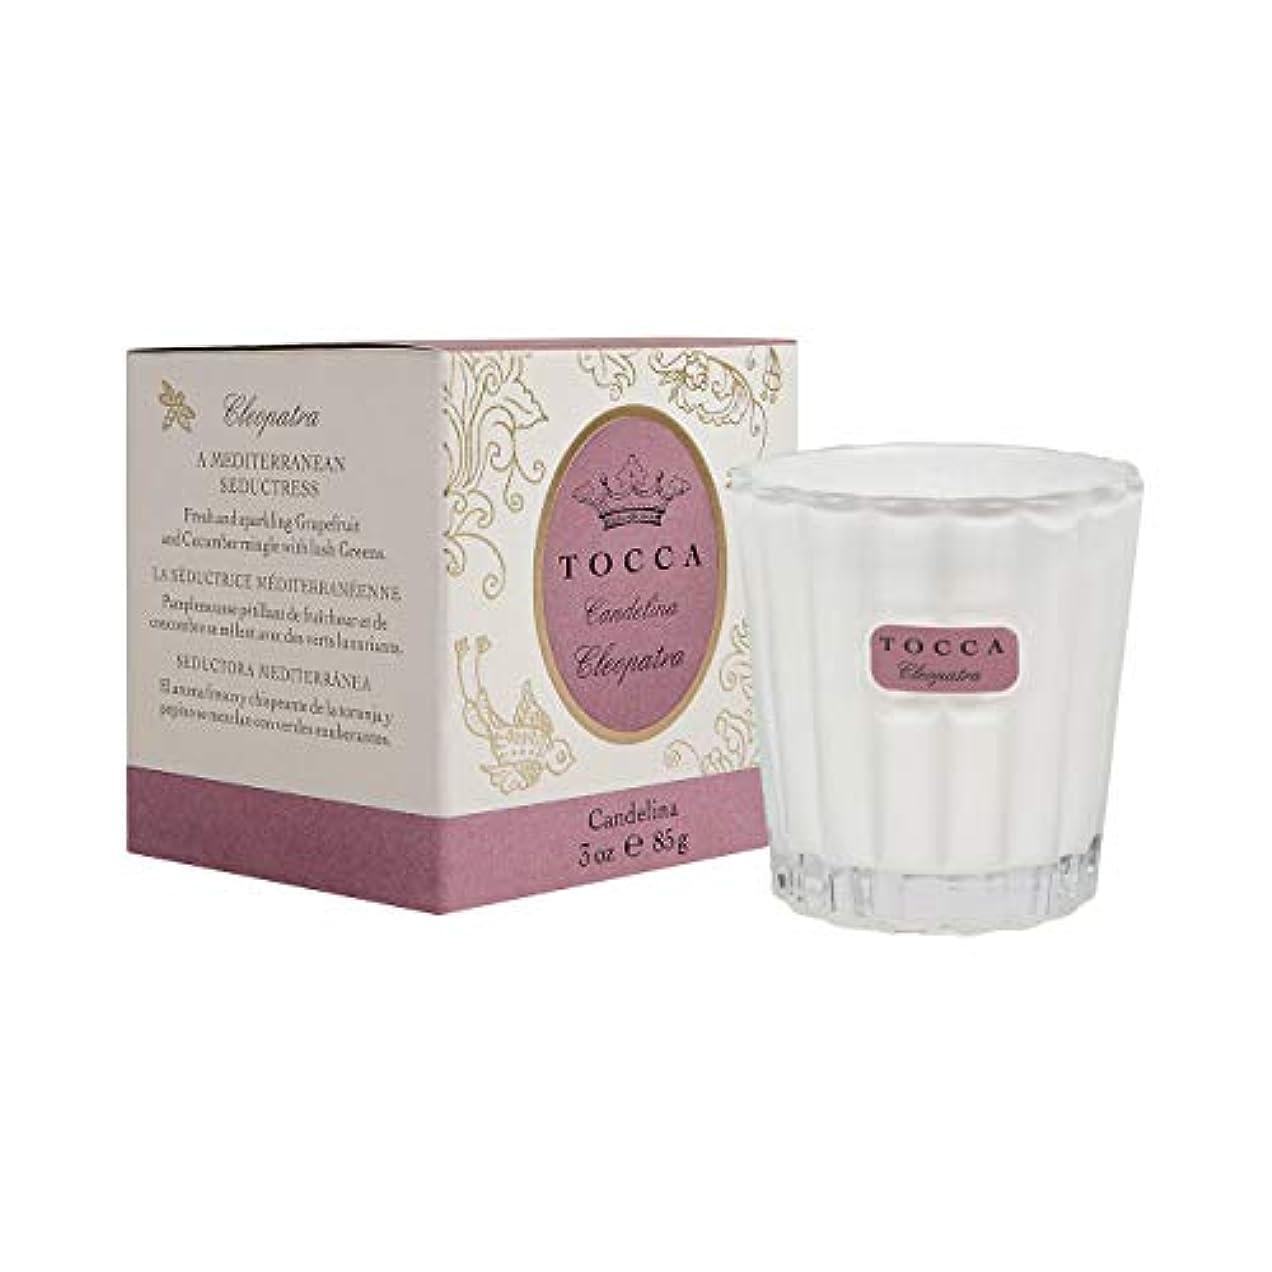 ペパーミント存在ギャロップトッカ(TOCCA) キャンデリーナ クレオパトラの香り 約85g (キャンドル ろうそく フレッシュでクリーンな香り)